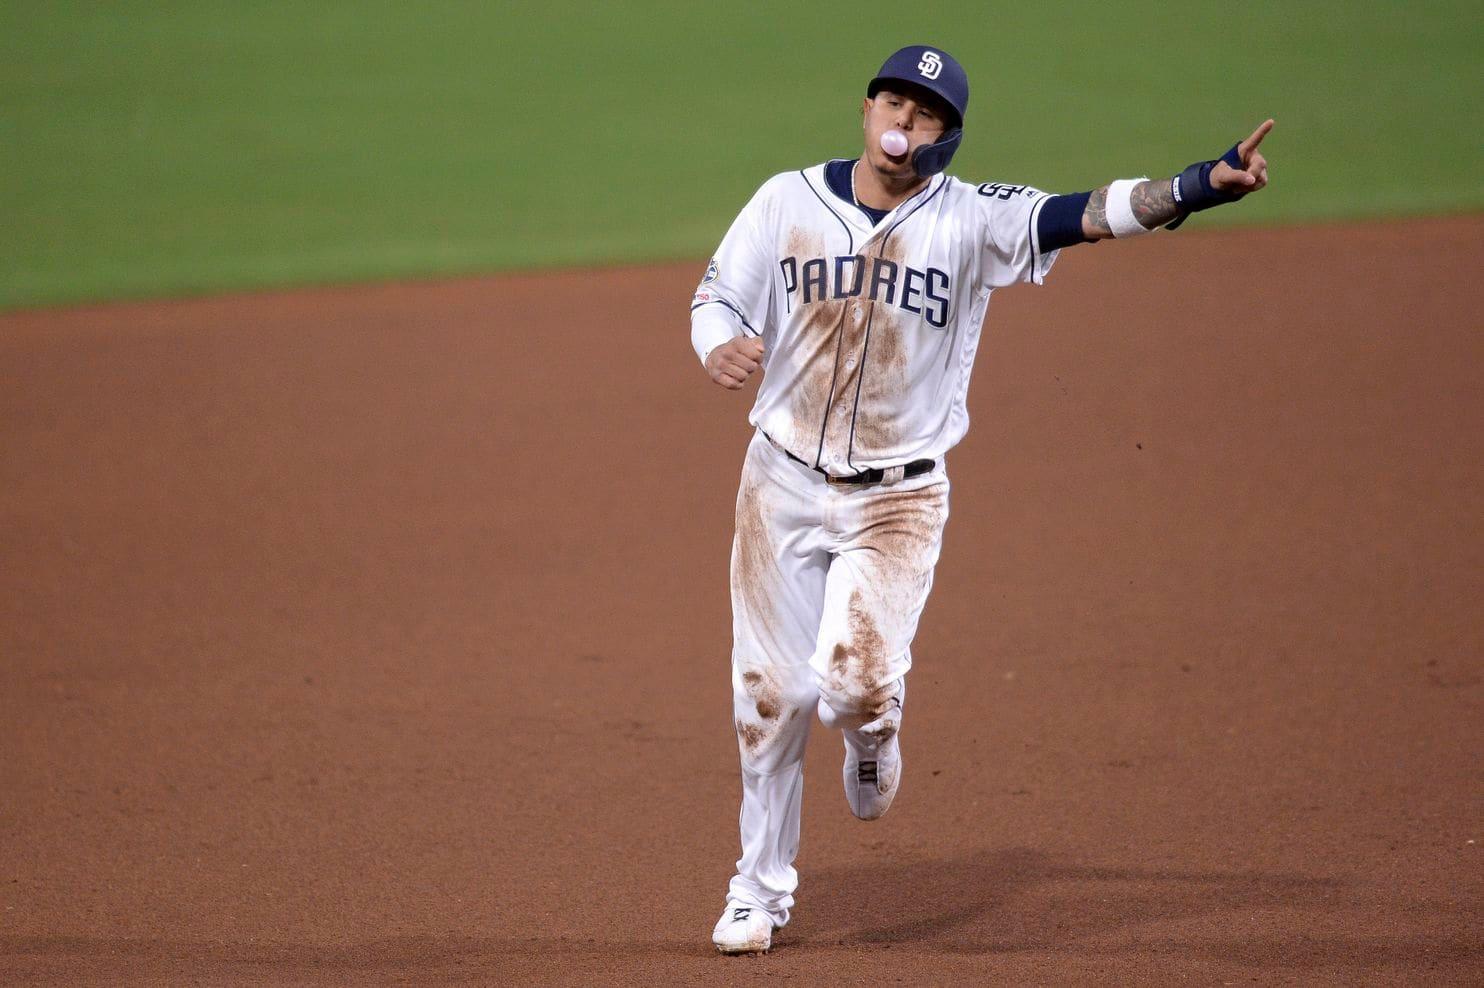 Manny Machado corona victoria de Padres con su primer jonrón